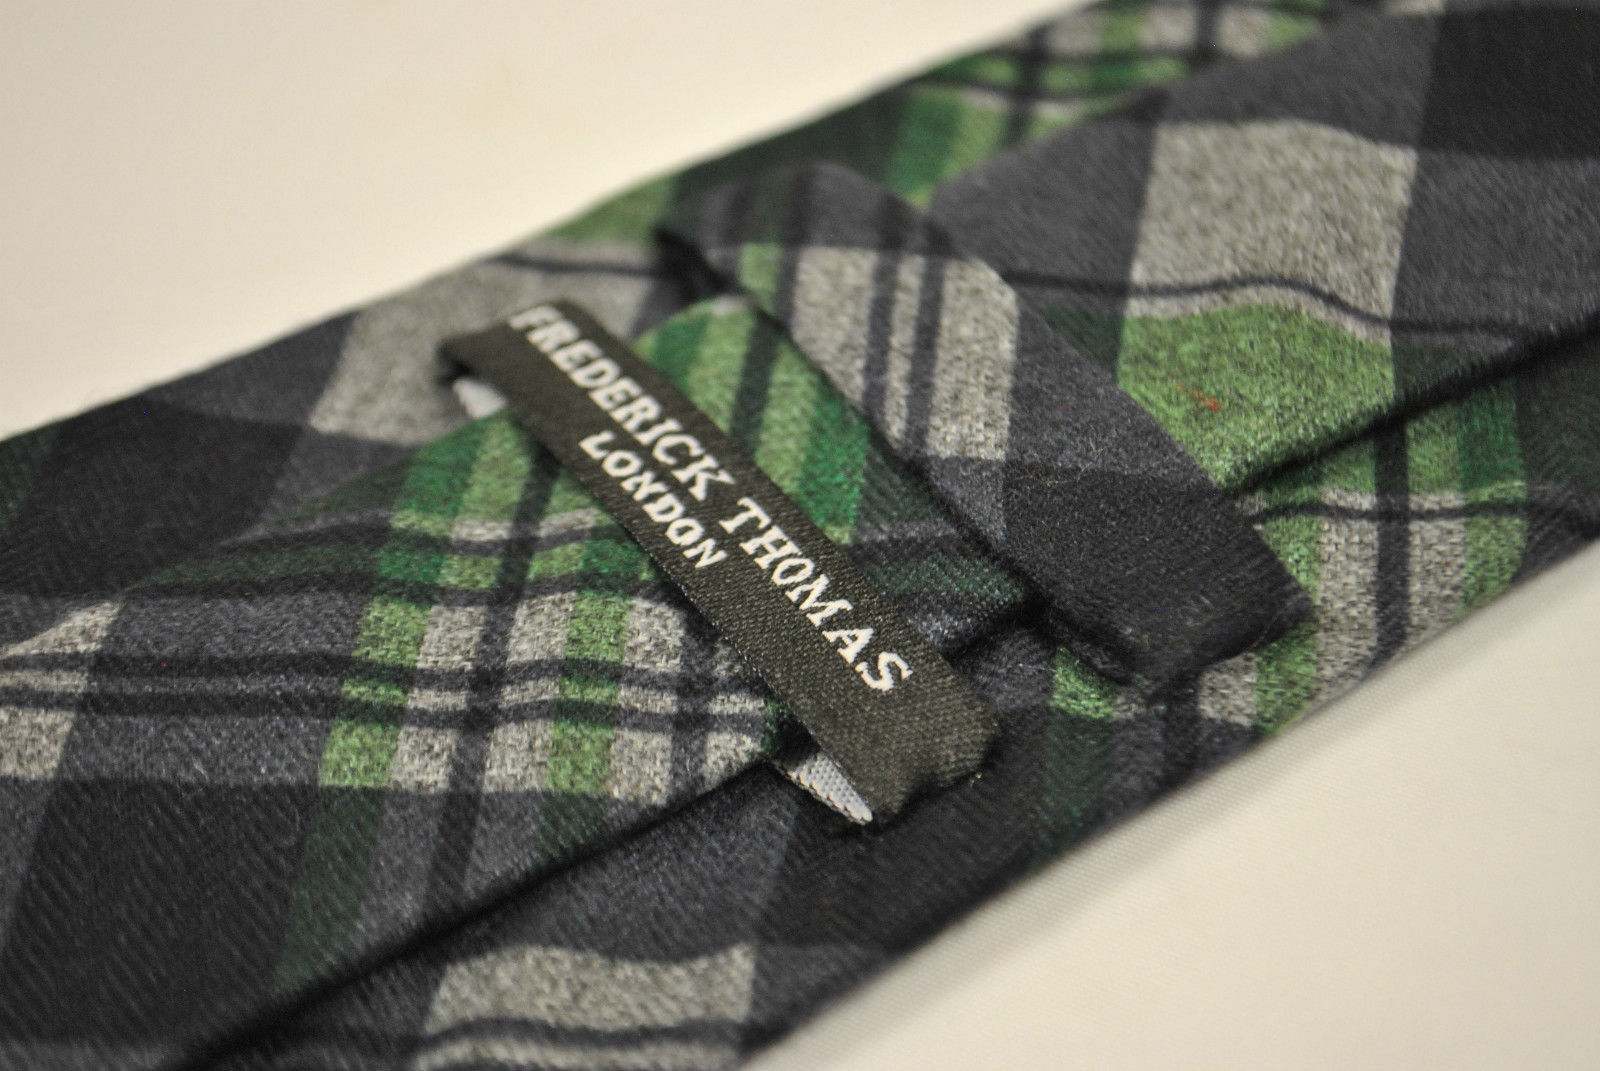 Frederick Thomas marineblau blau und grünes Häkchen Tweed Tie FT2142 100% Wolle